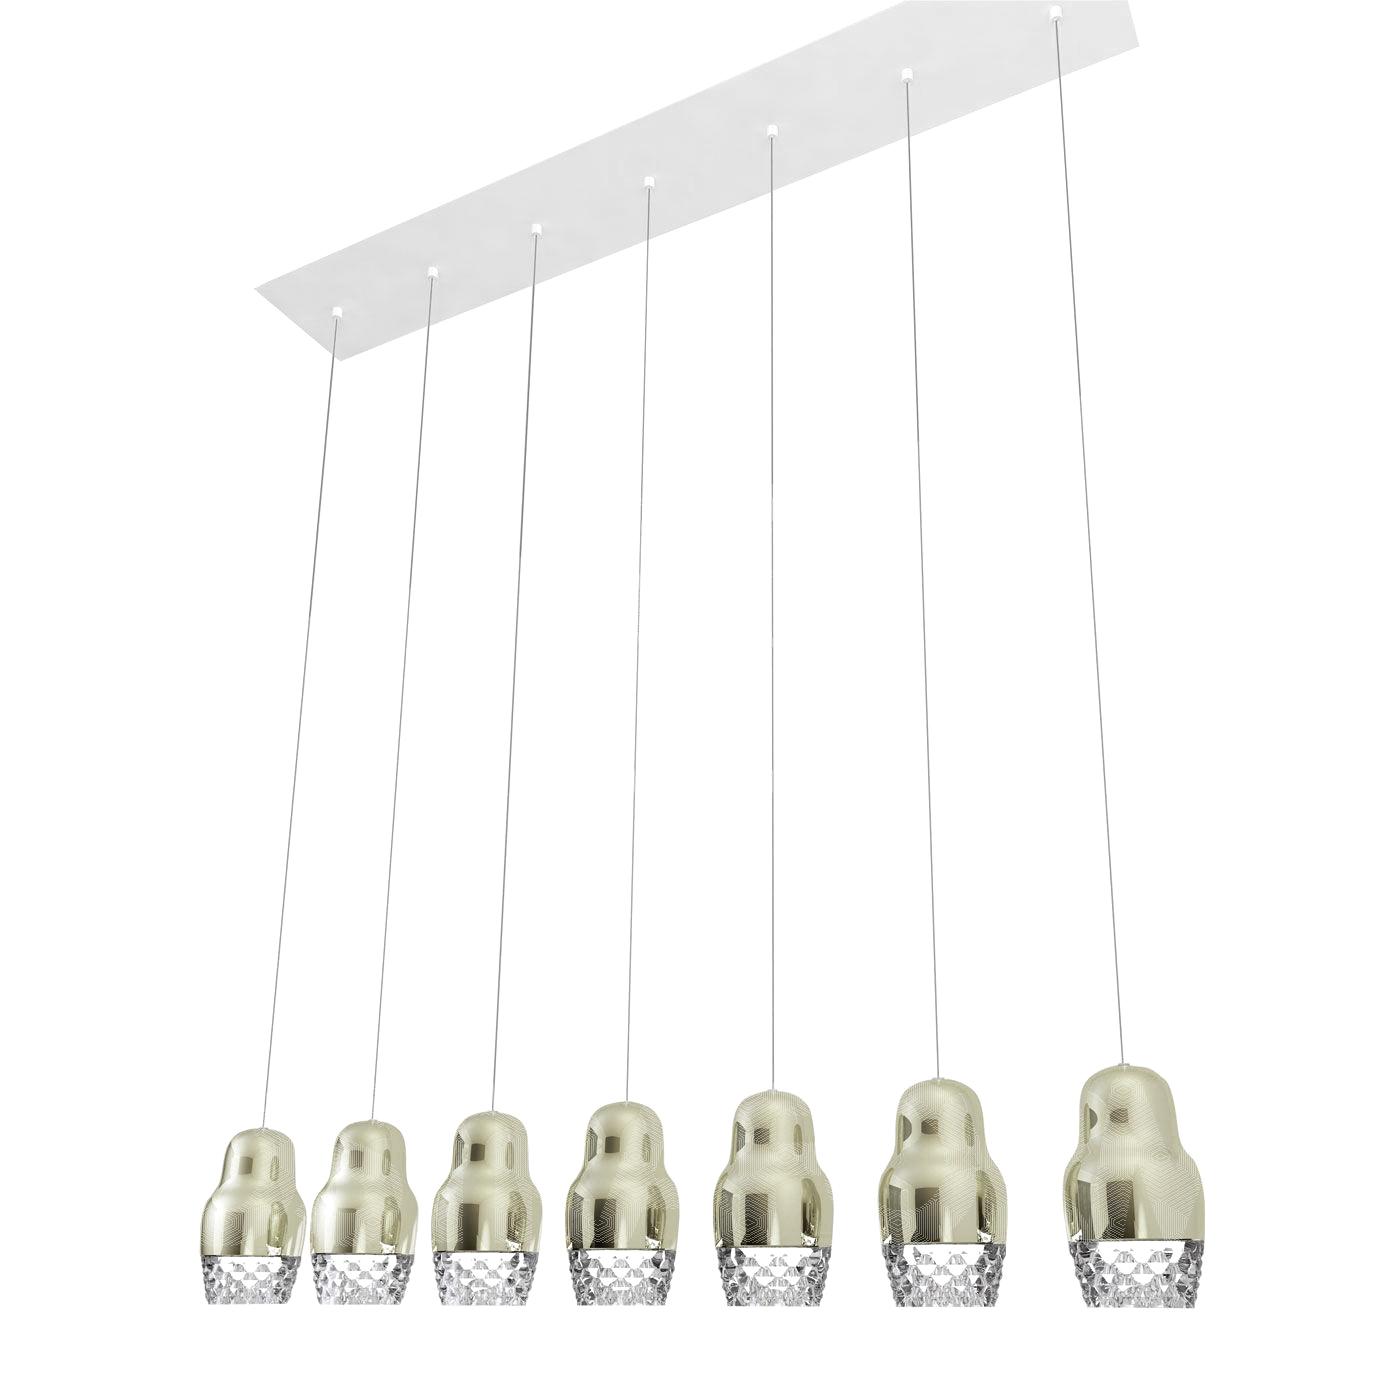 Подвесной светильник копия FEDORA 7 by AXO LIGHT  (серебряный)